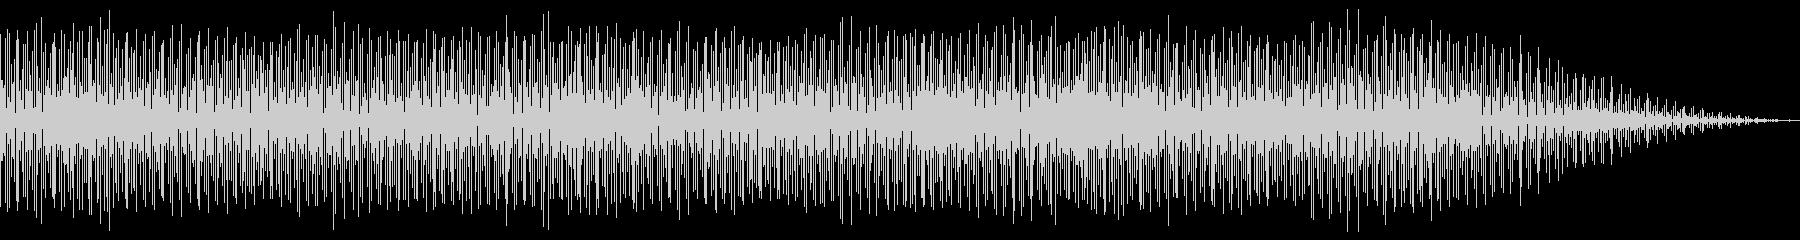 カントリー風のスライドギターの楽曲の未再生の波形